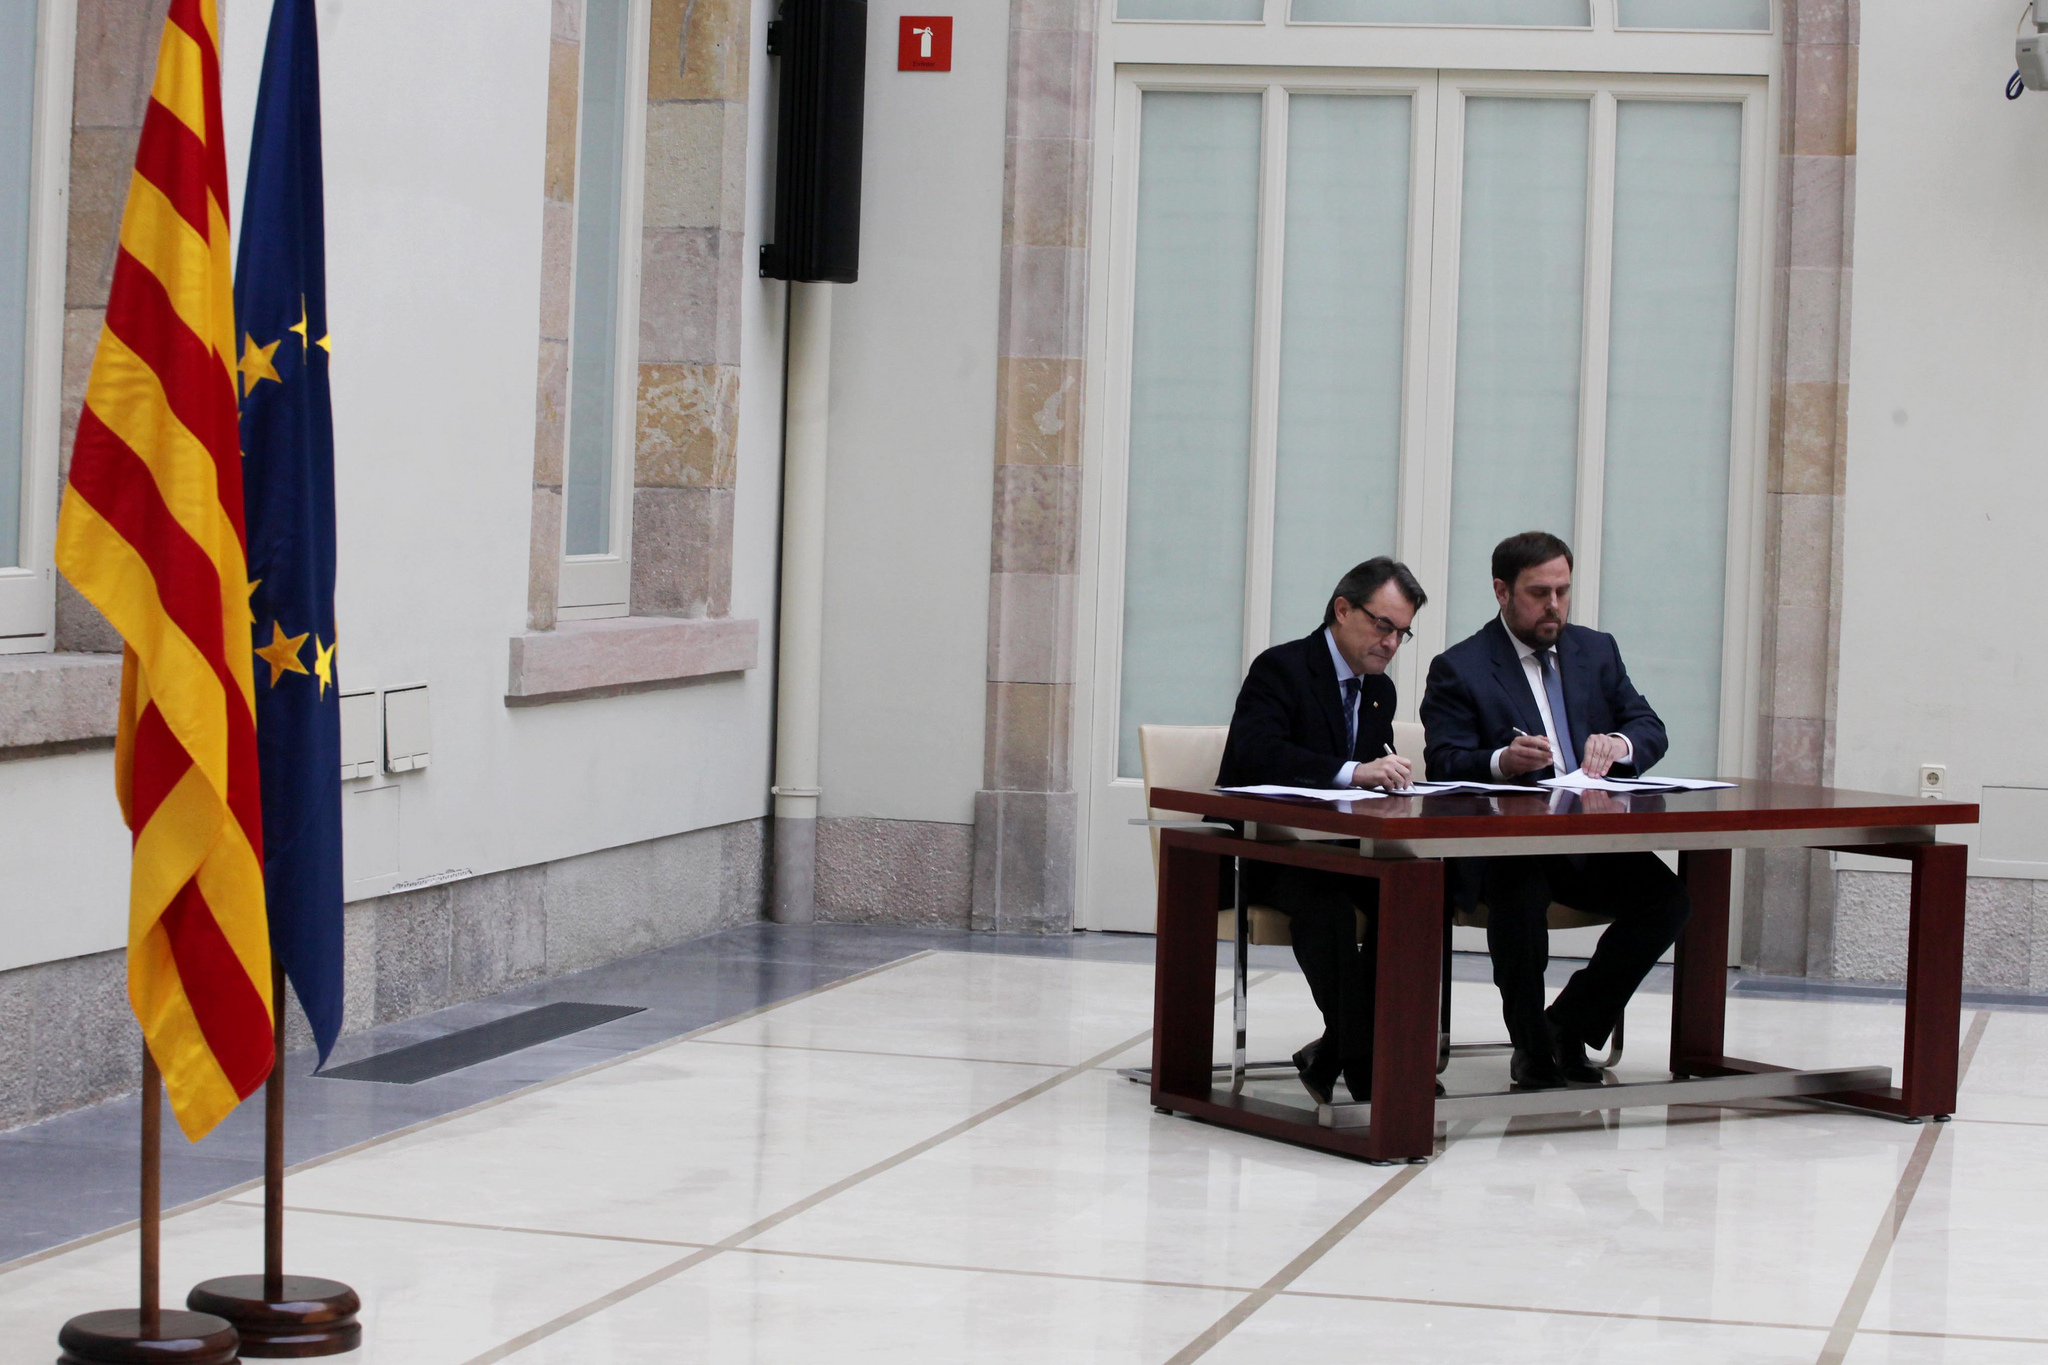 Signatura de l'acord de govern entre CiU i ERC el desembre de 2012. Foto: Rubén Moreno